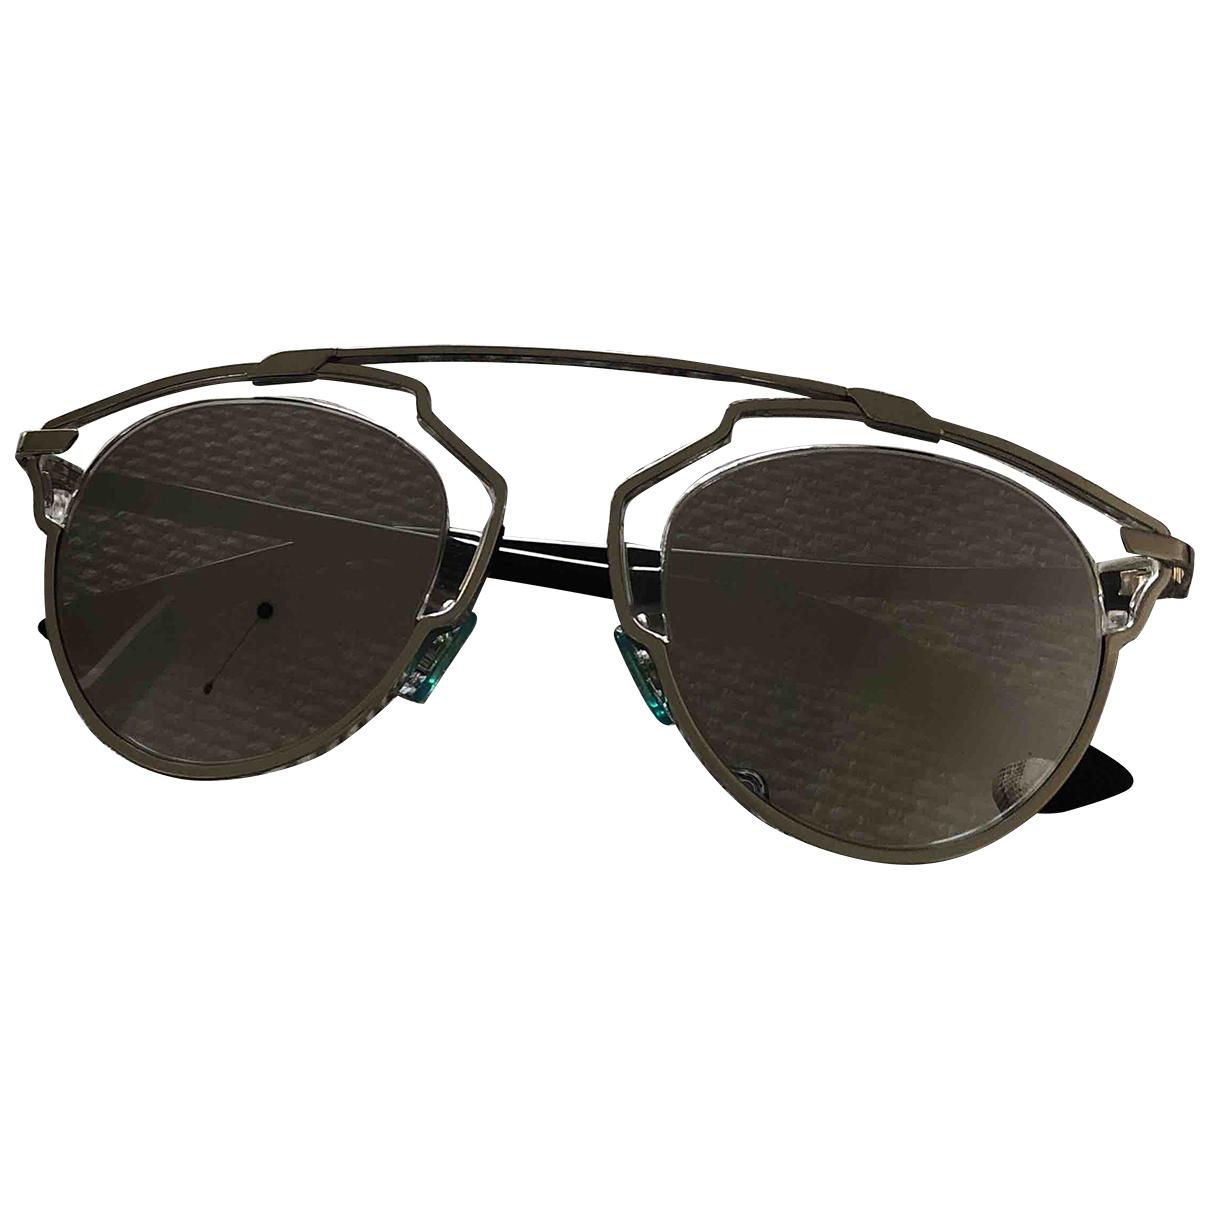 Gafas Reflected Dior